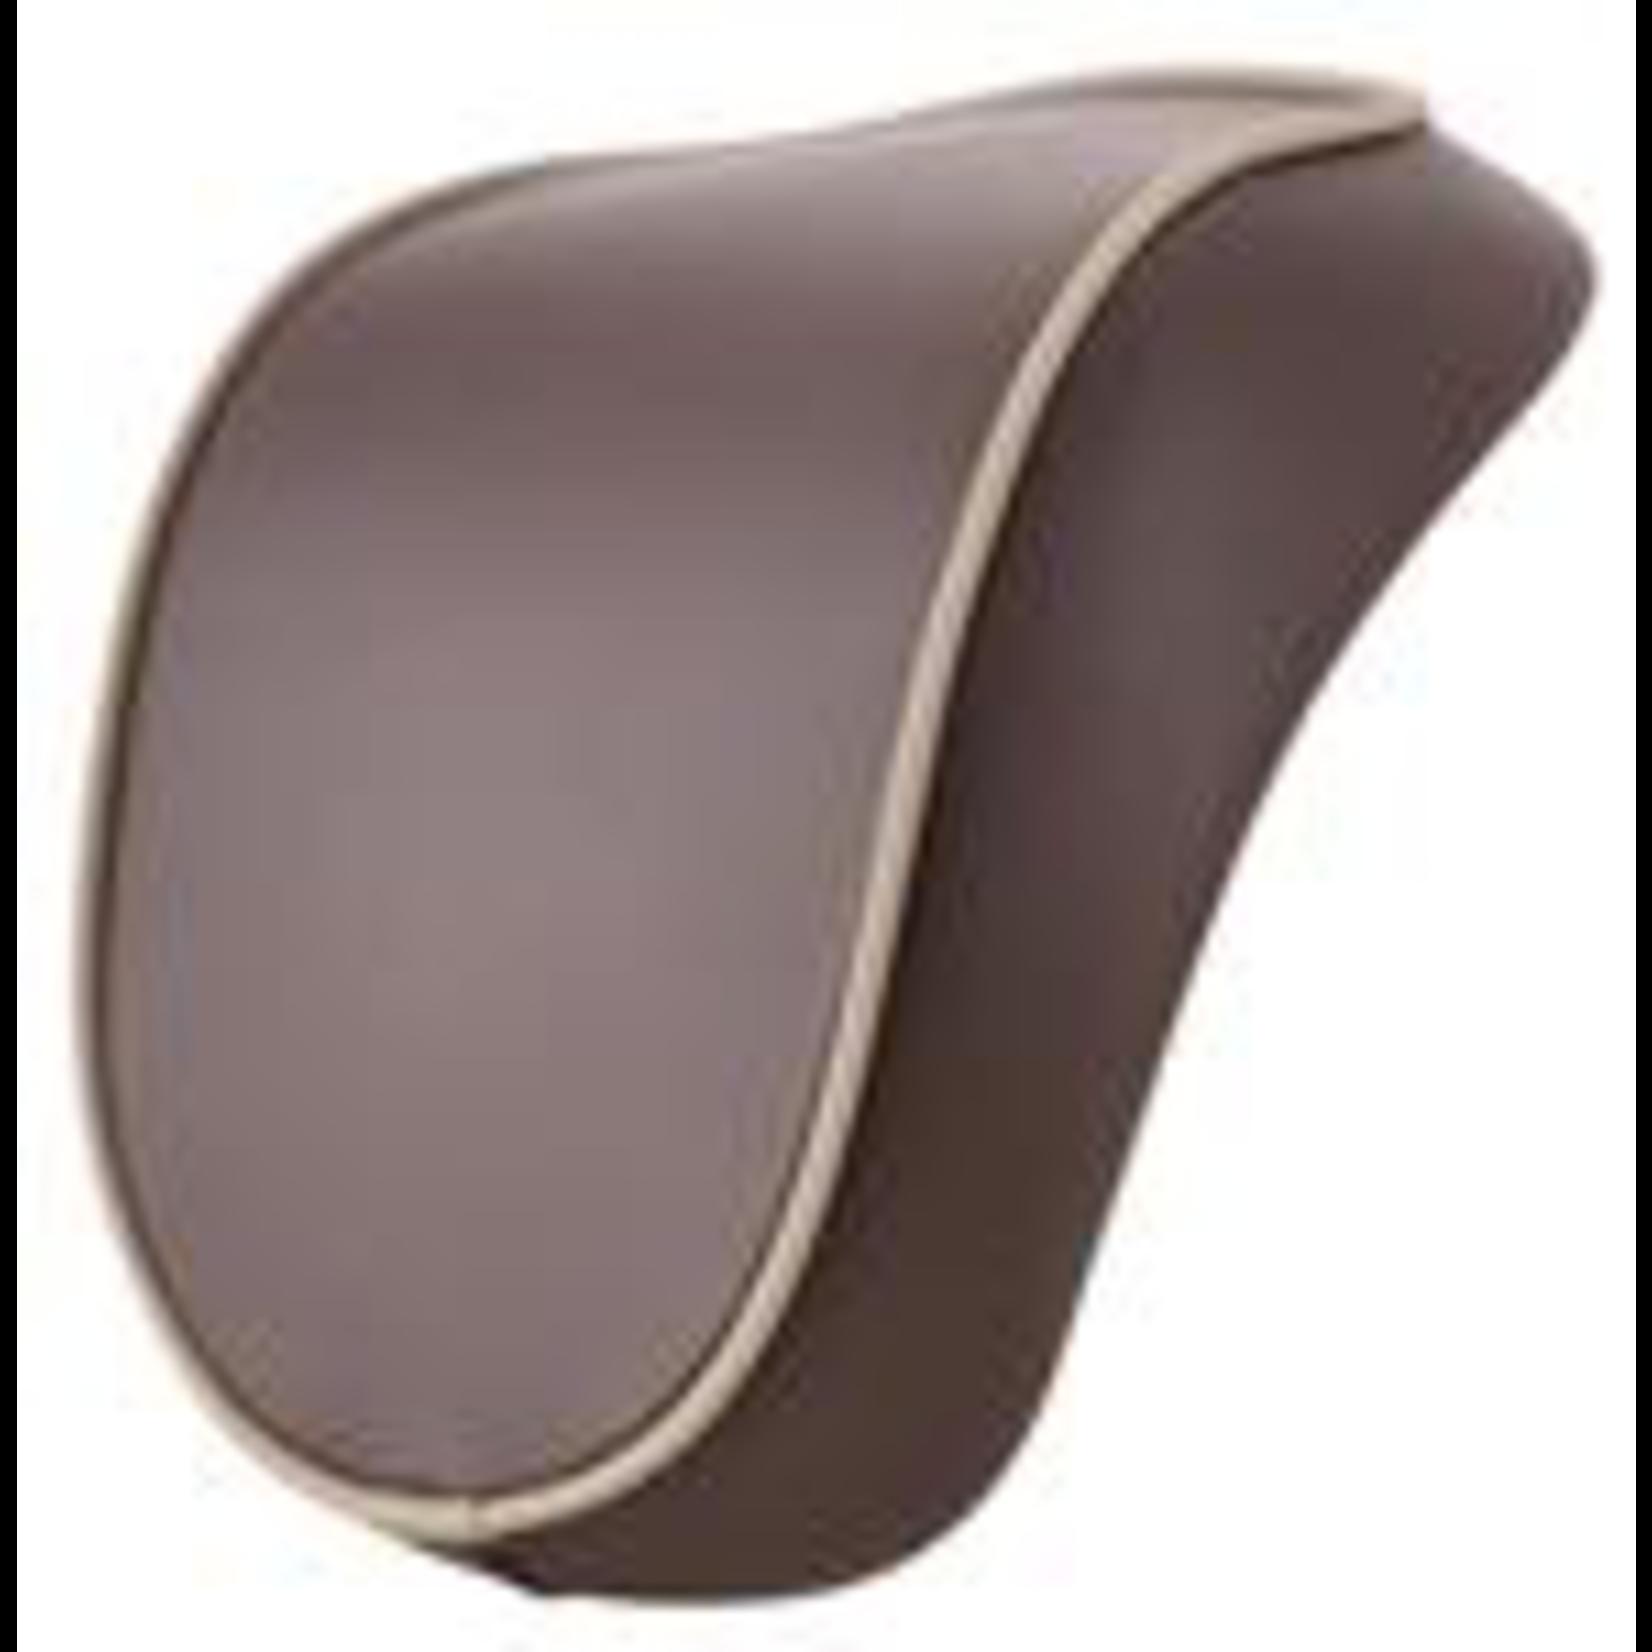 Accessories Top Case Back Rest, Primavera 70th Brown/Cream Piping